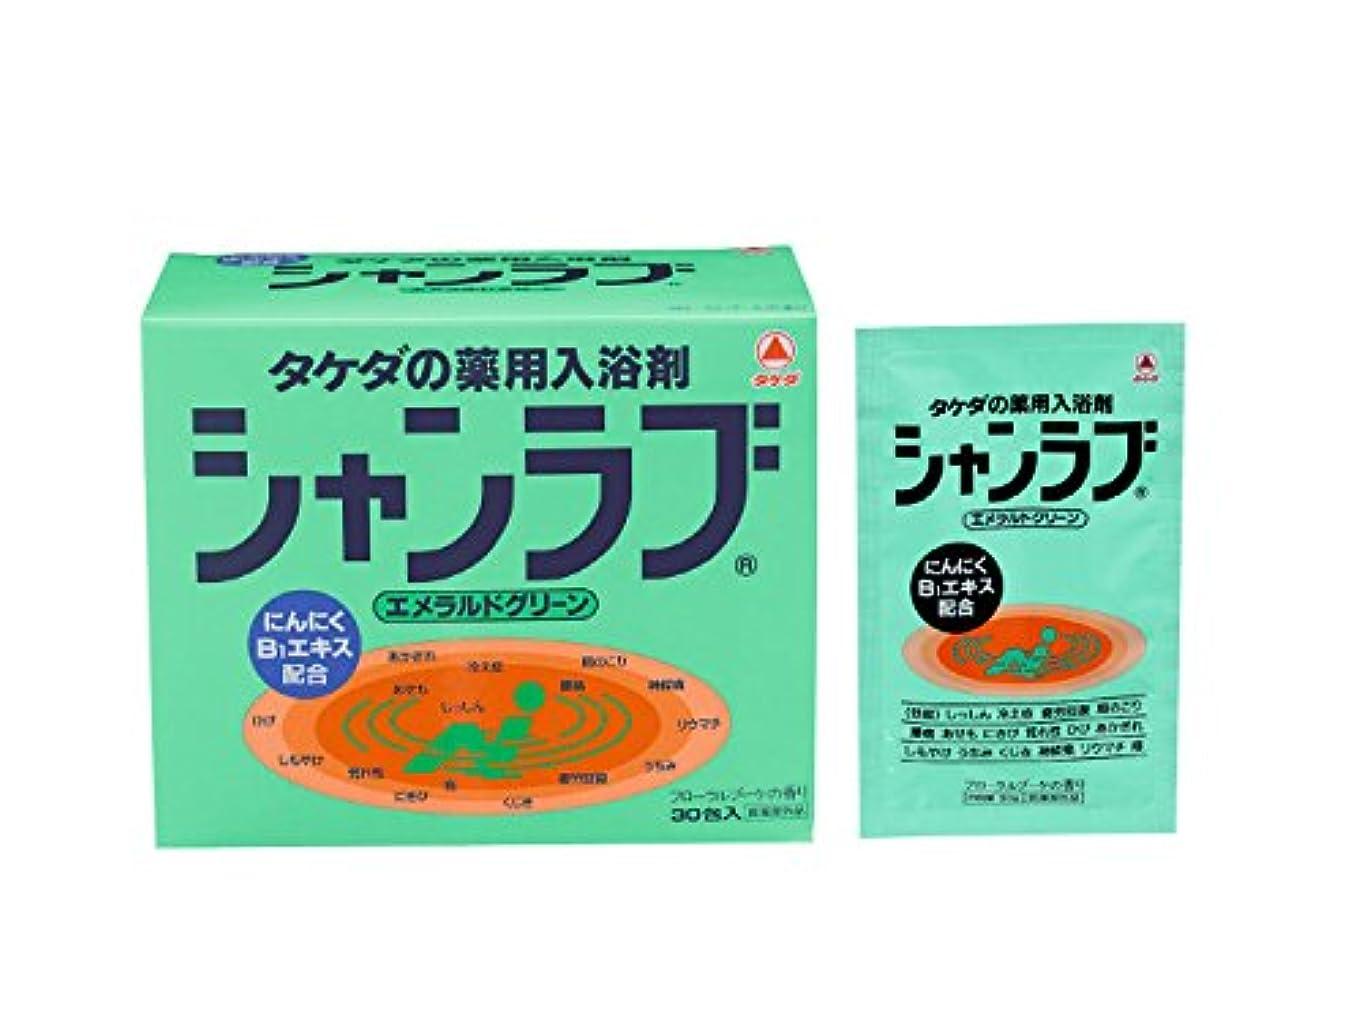 量歪める平日武田コンシューマーヘルスケア シャンラブ エメラルドグリーン 30包